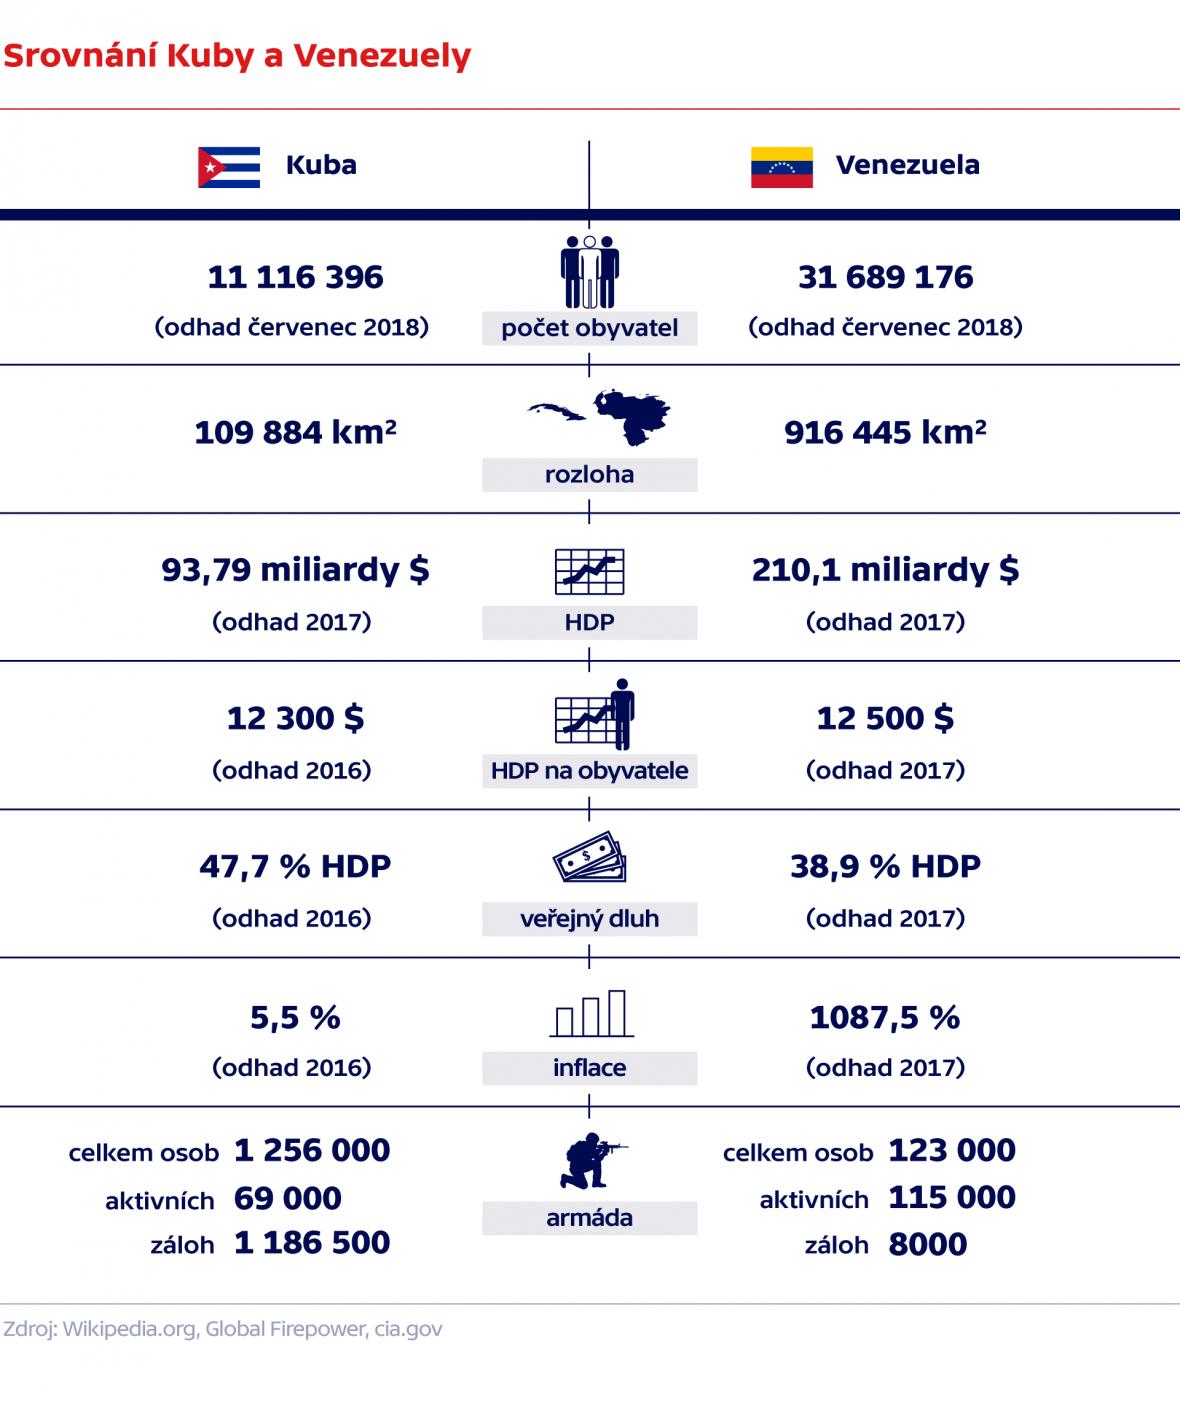 Srovnání Kuby a Venezuely